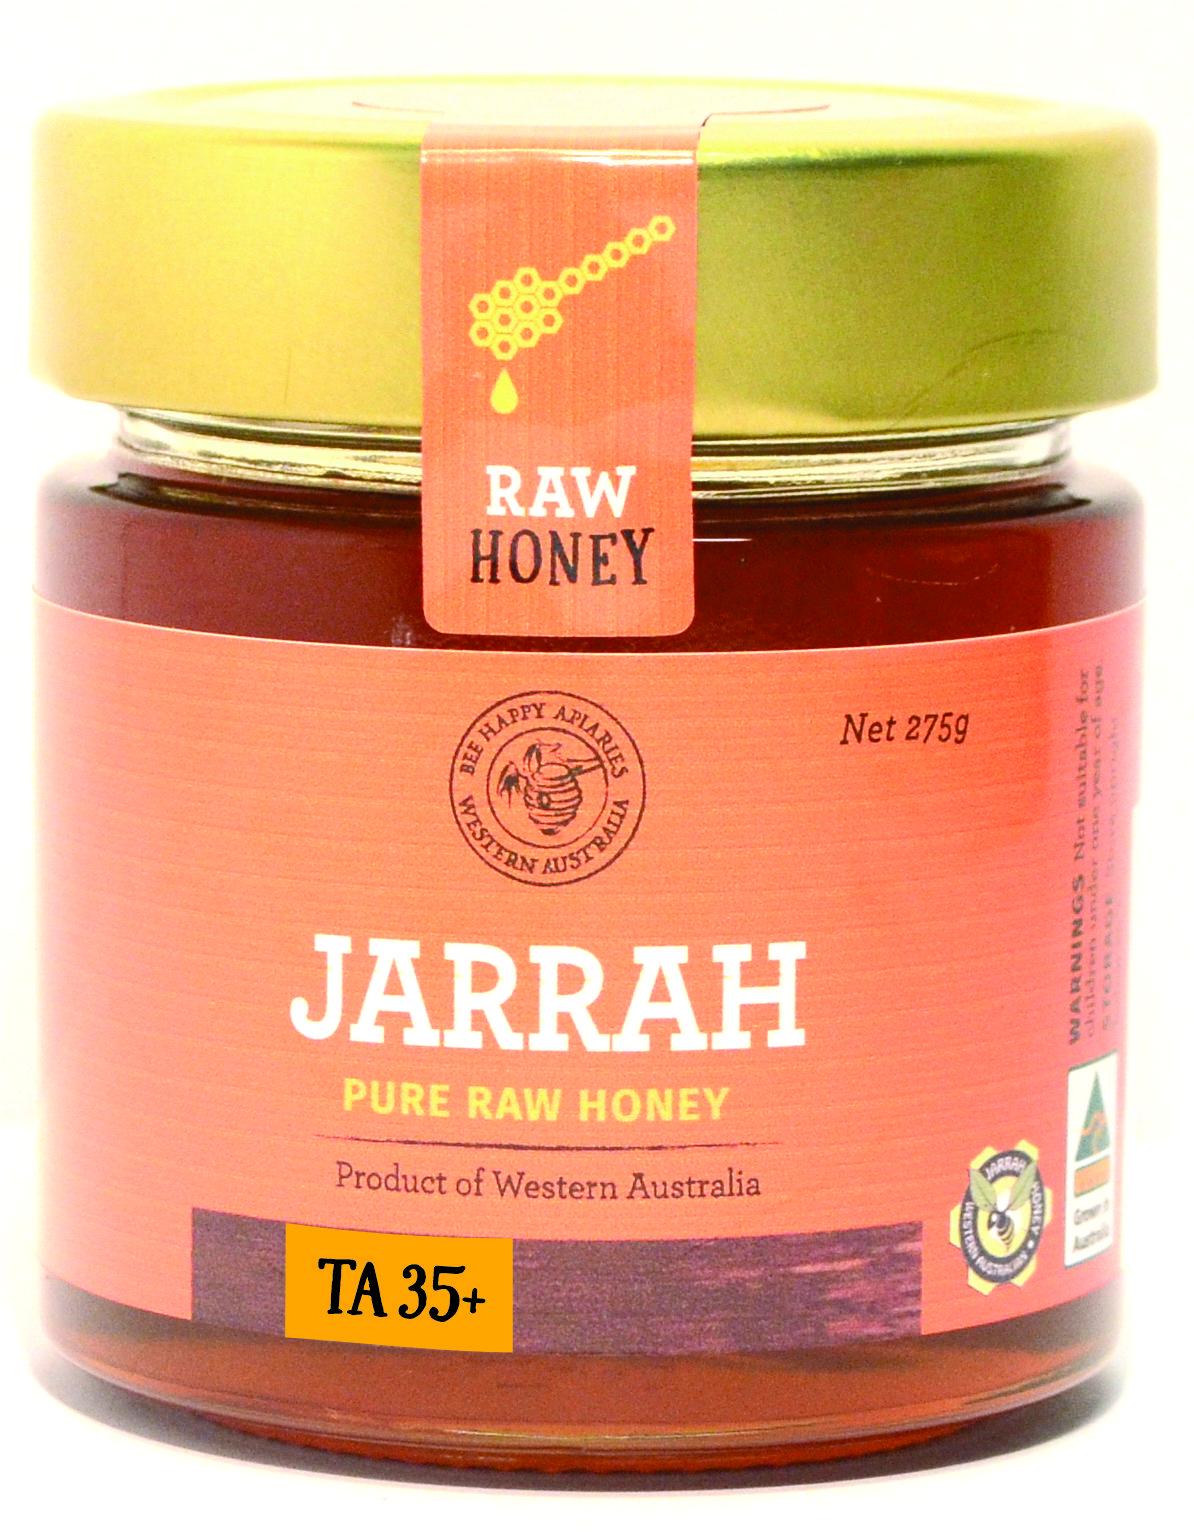 275g Of Premium Jarrah Honey